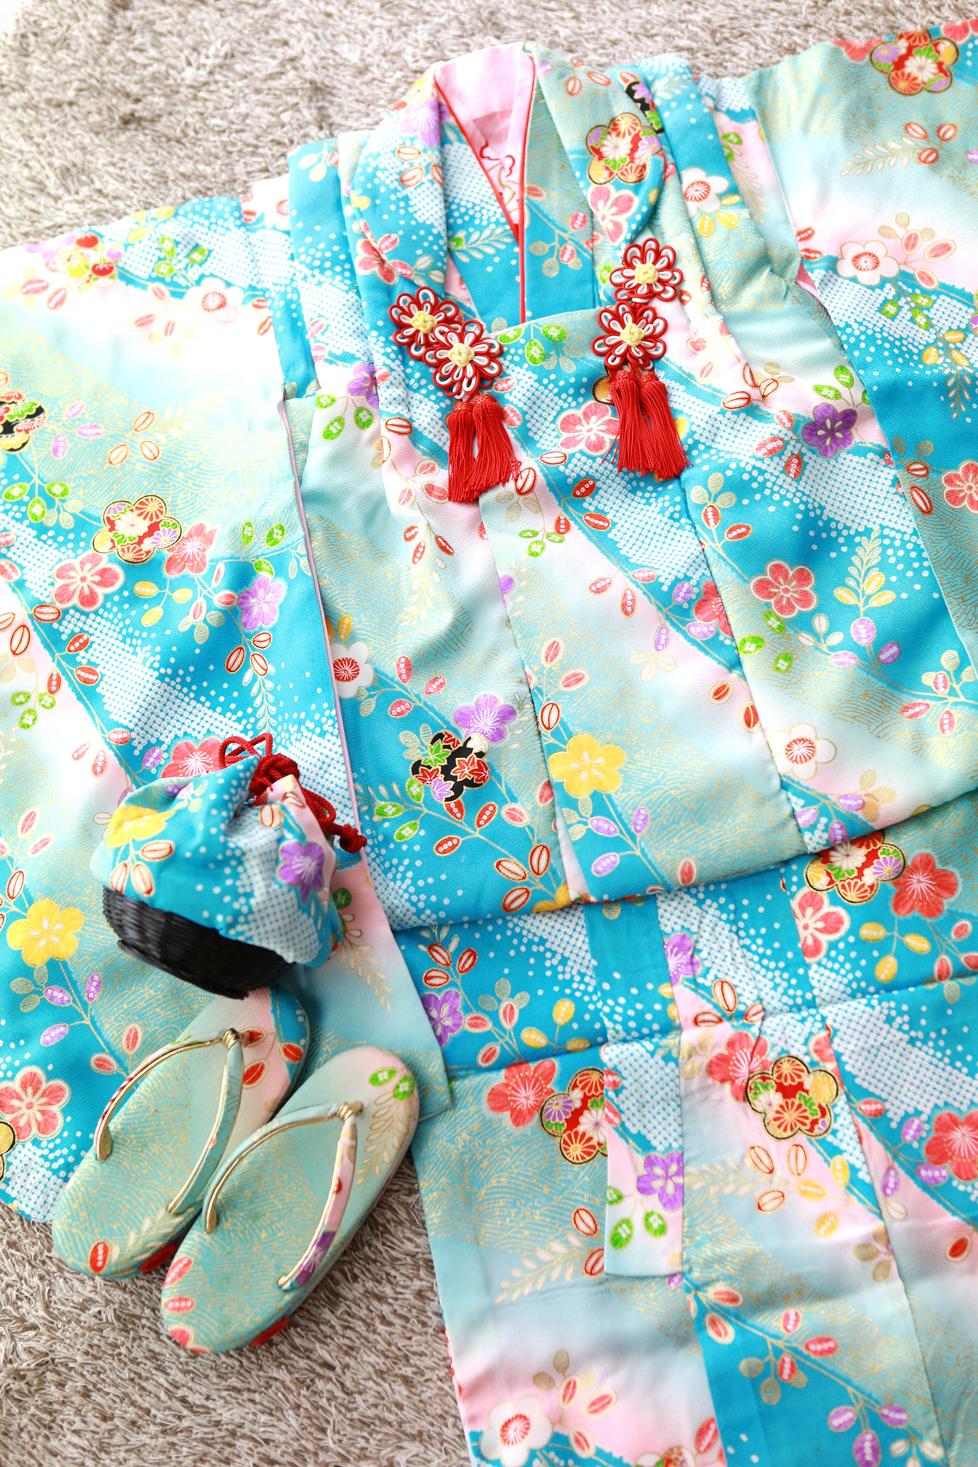 水色地に色とりどりのお花が描かれ、明るい色使いがとても可愛らしい被布セットです。